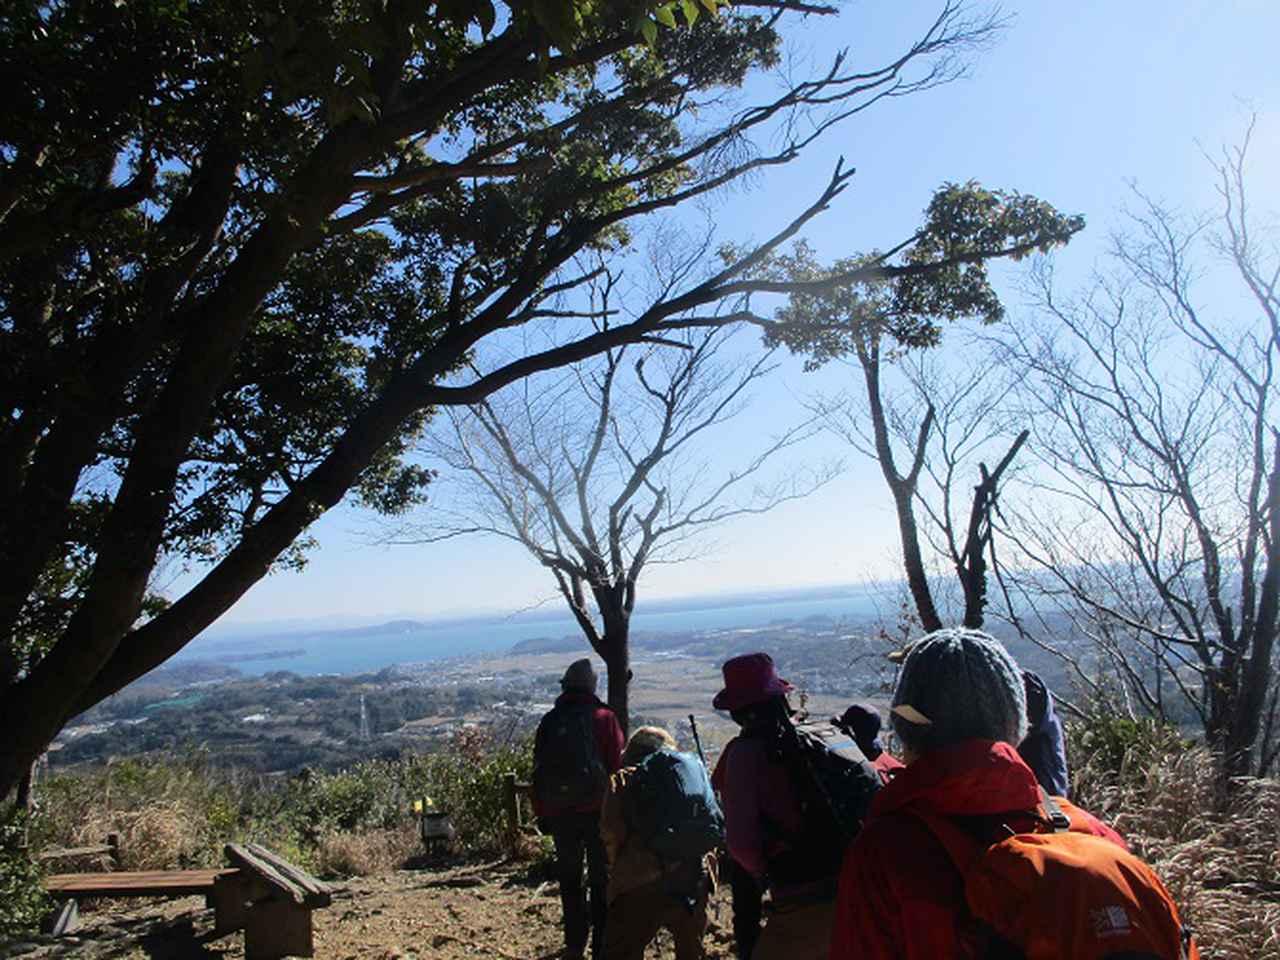 画像3: 3月5日から山旅会 「田原アルプスと神石山」 ツアーに行ってきました!